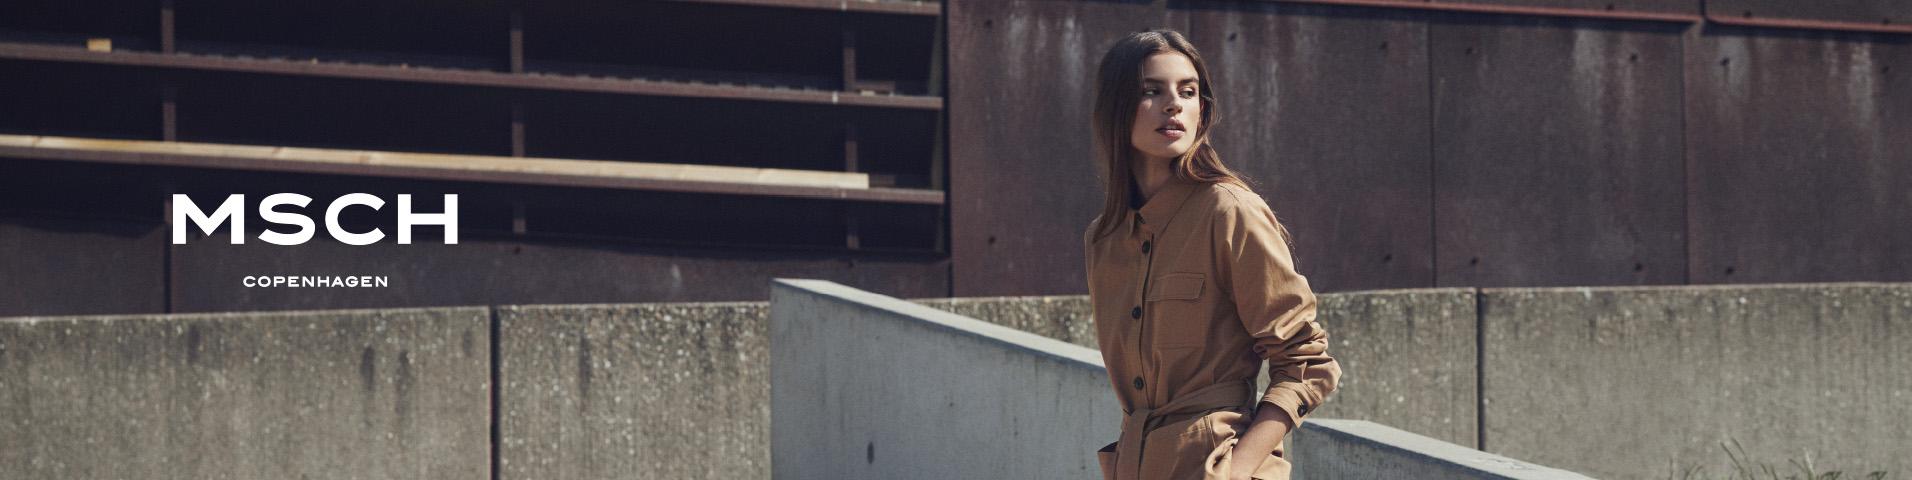 Buty damskie & Odzież damska Moss Copenhagen w ZALANDO